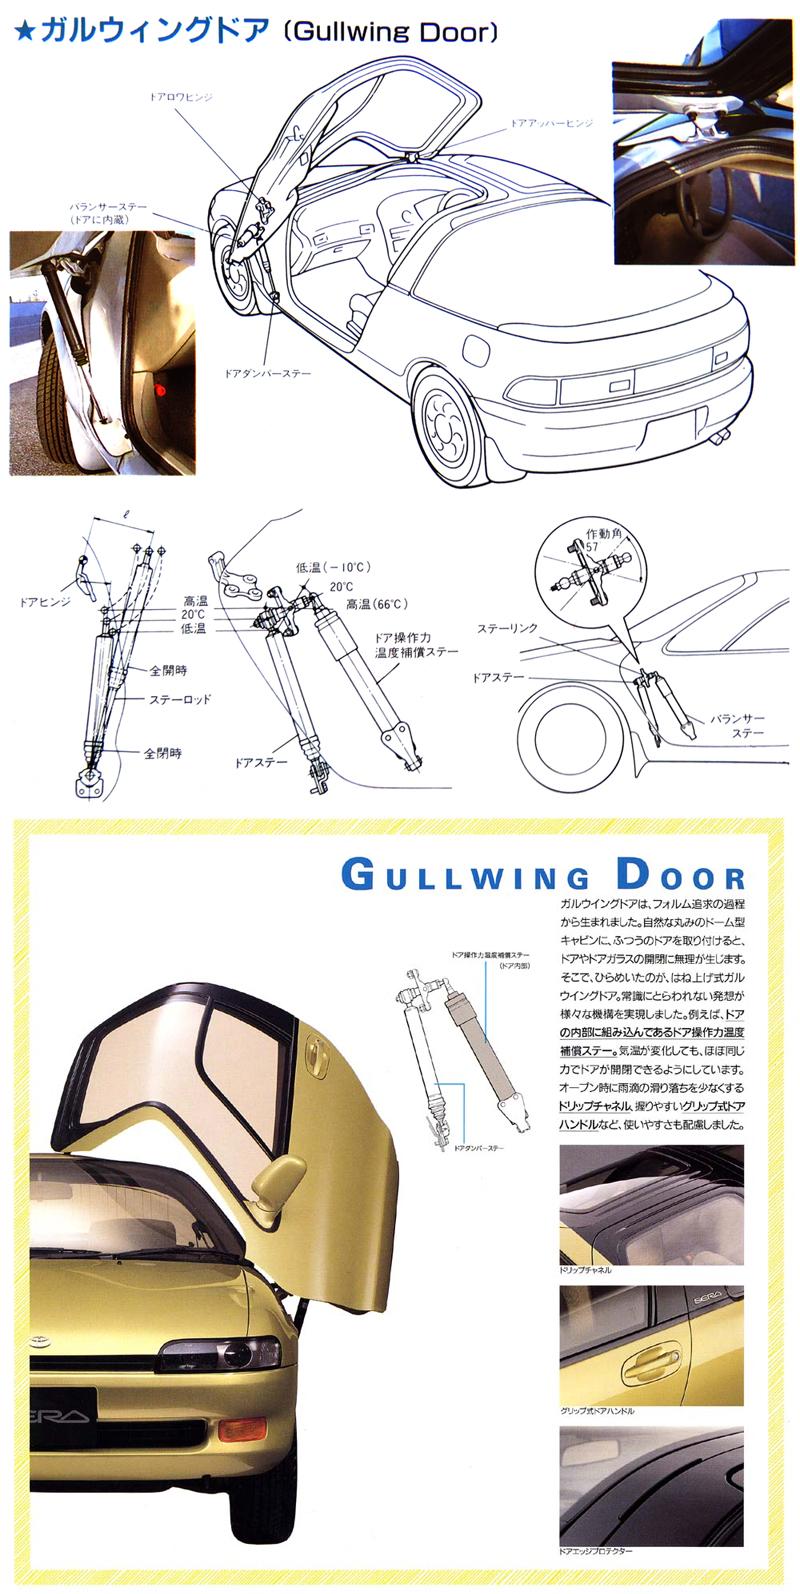 1990_Toyota_Sera_Gullwing_Door